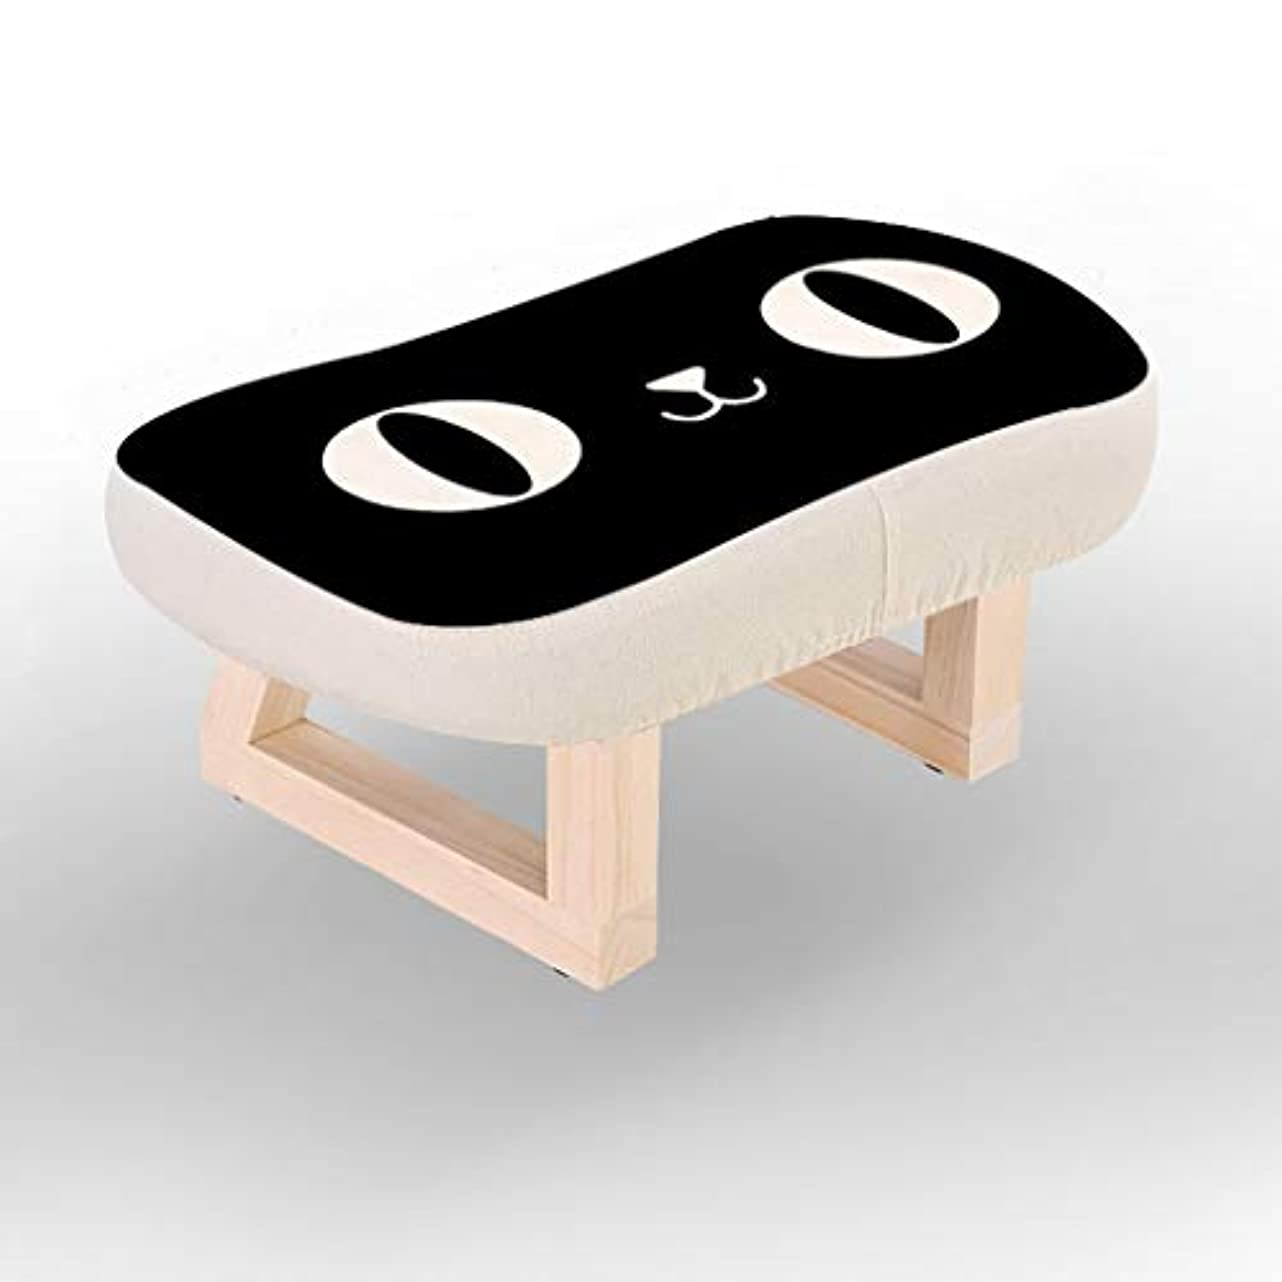 ビン学校教育アジャXJLXX リビングルーム木製スツールホームウェアシューズ小さなベンチ寝室の生地ソファスツール ソファースツール (Color : Black)